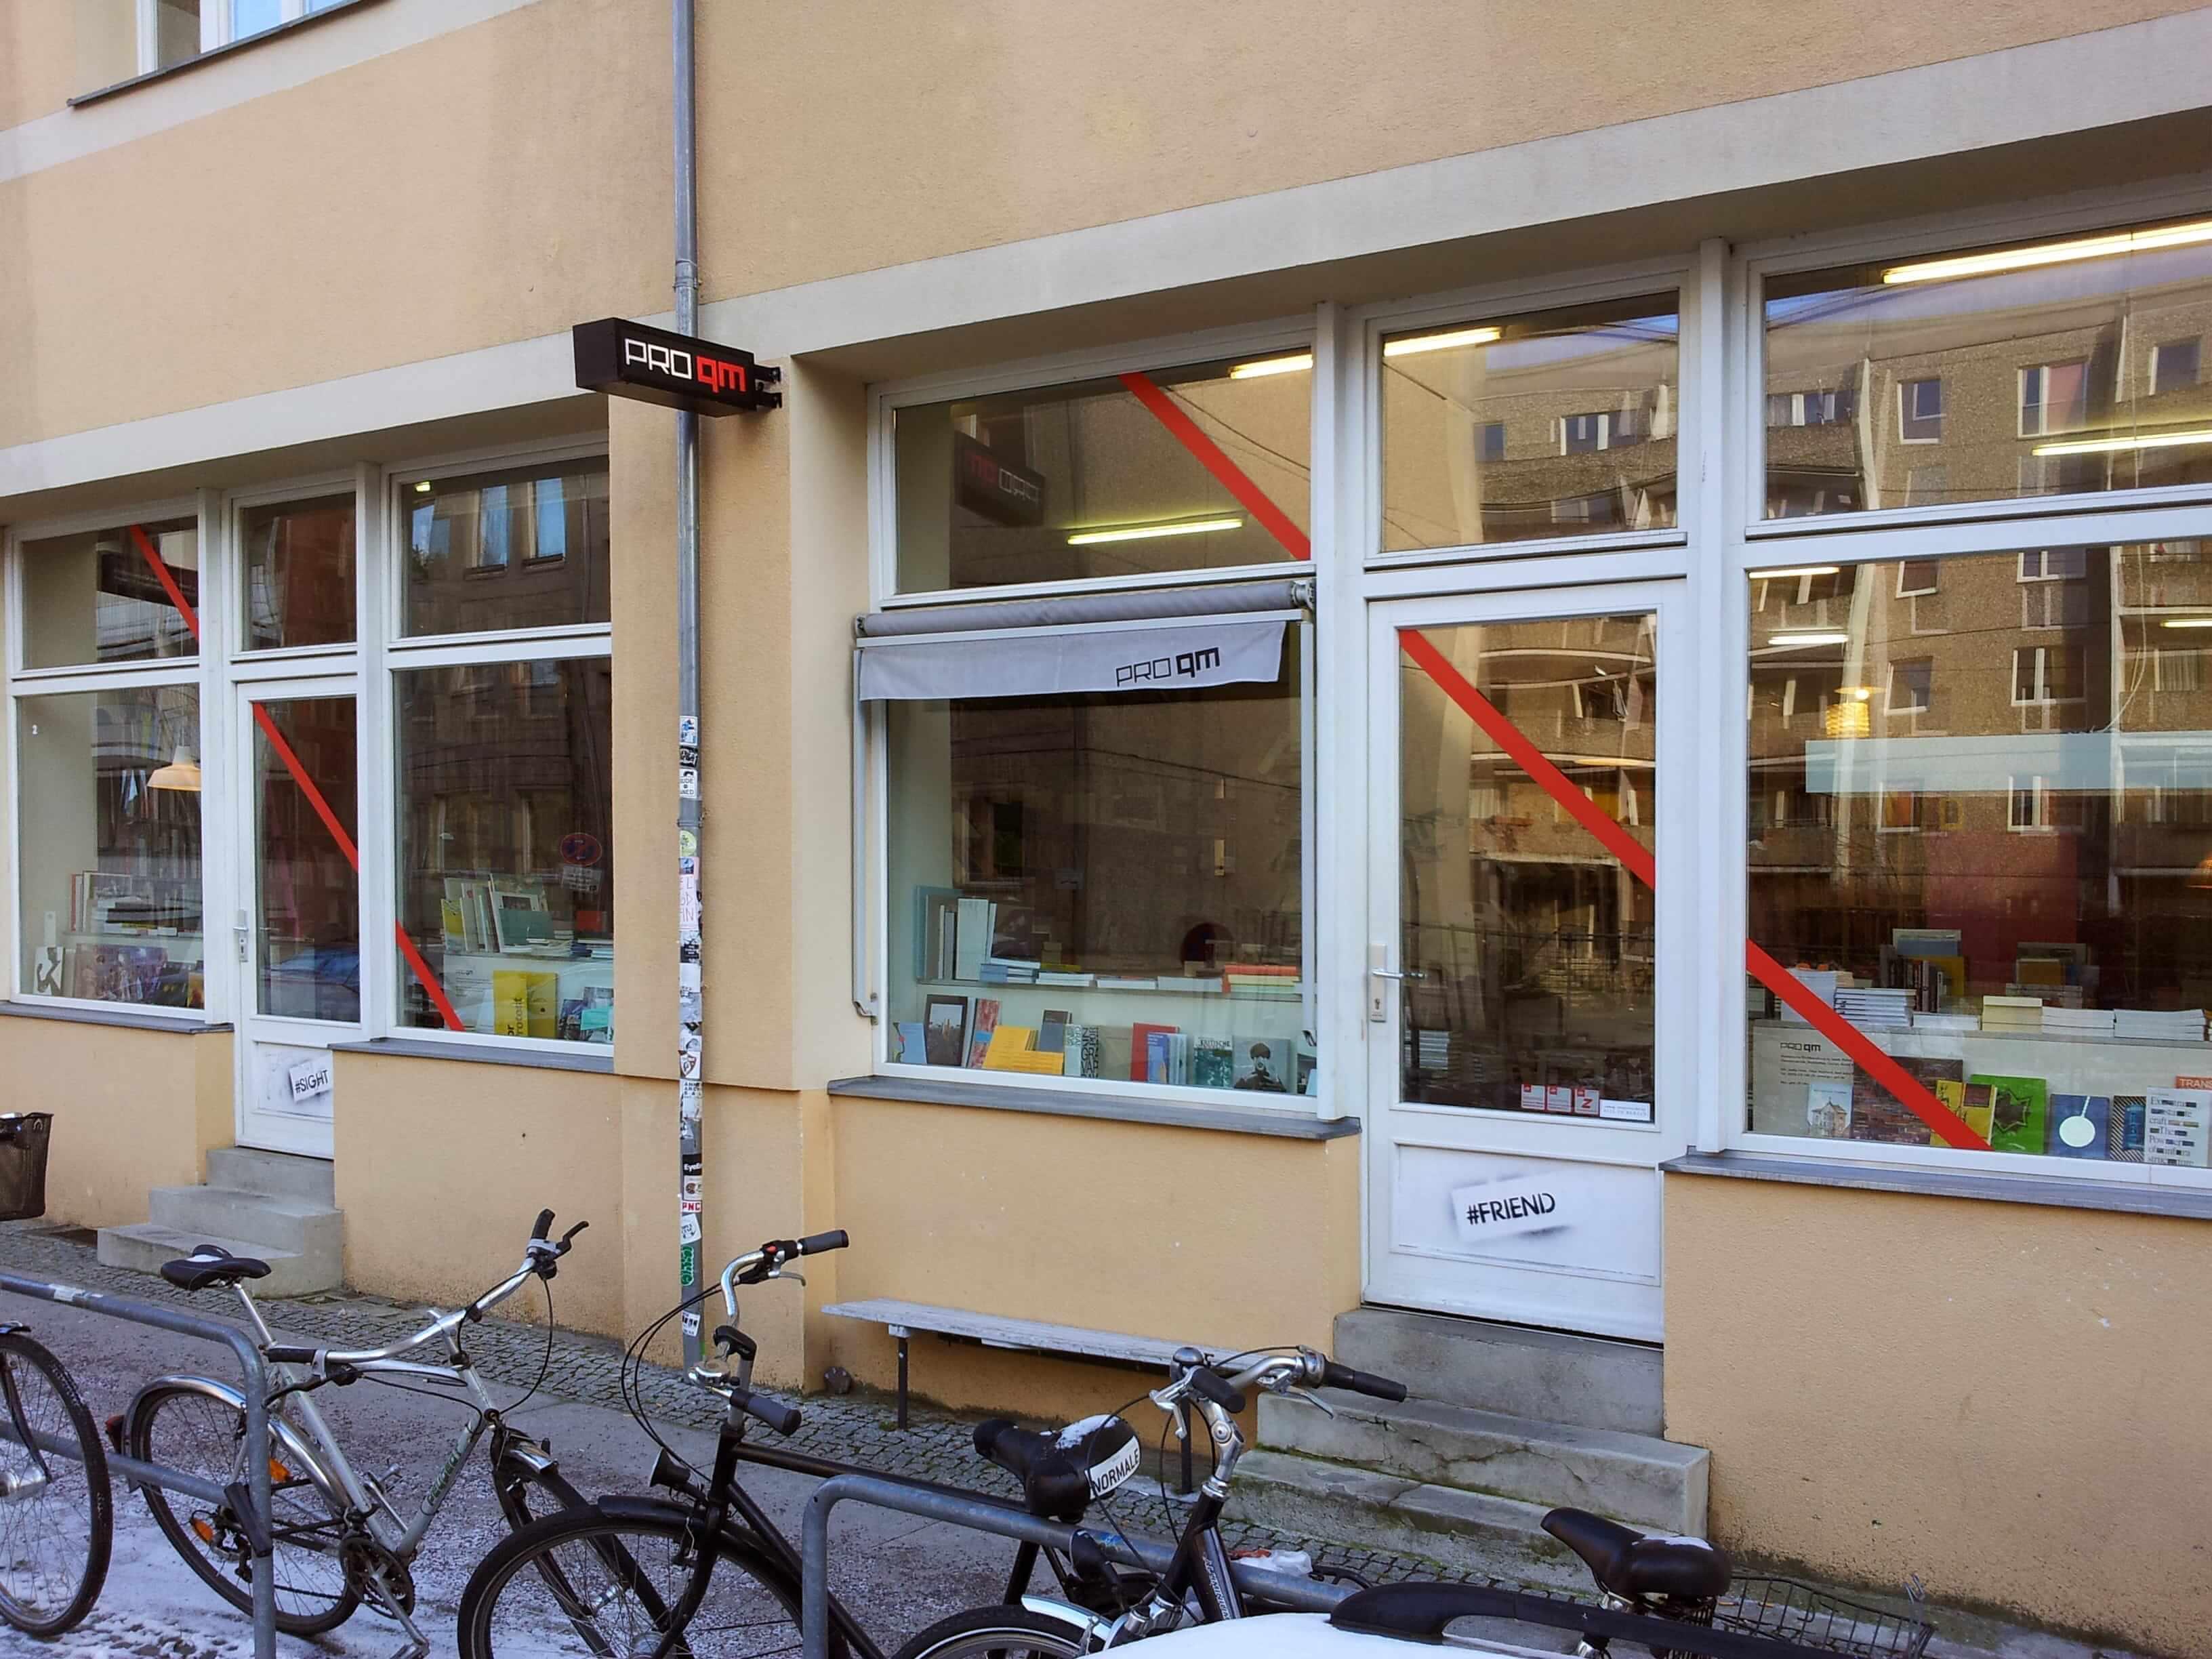 Витрина книжного магазина Pro qmвБерлине, Германия. Источник: инстаграм-страница магазина